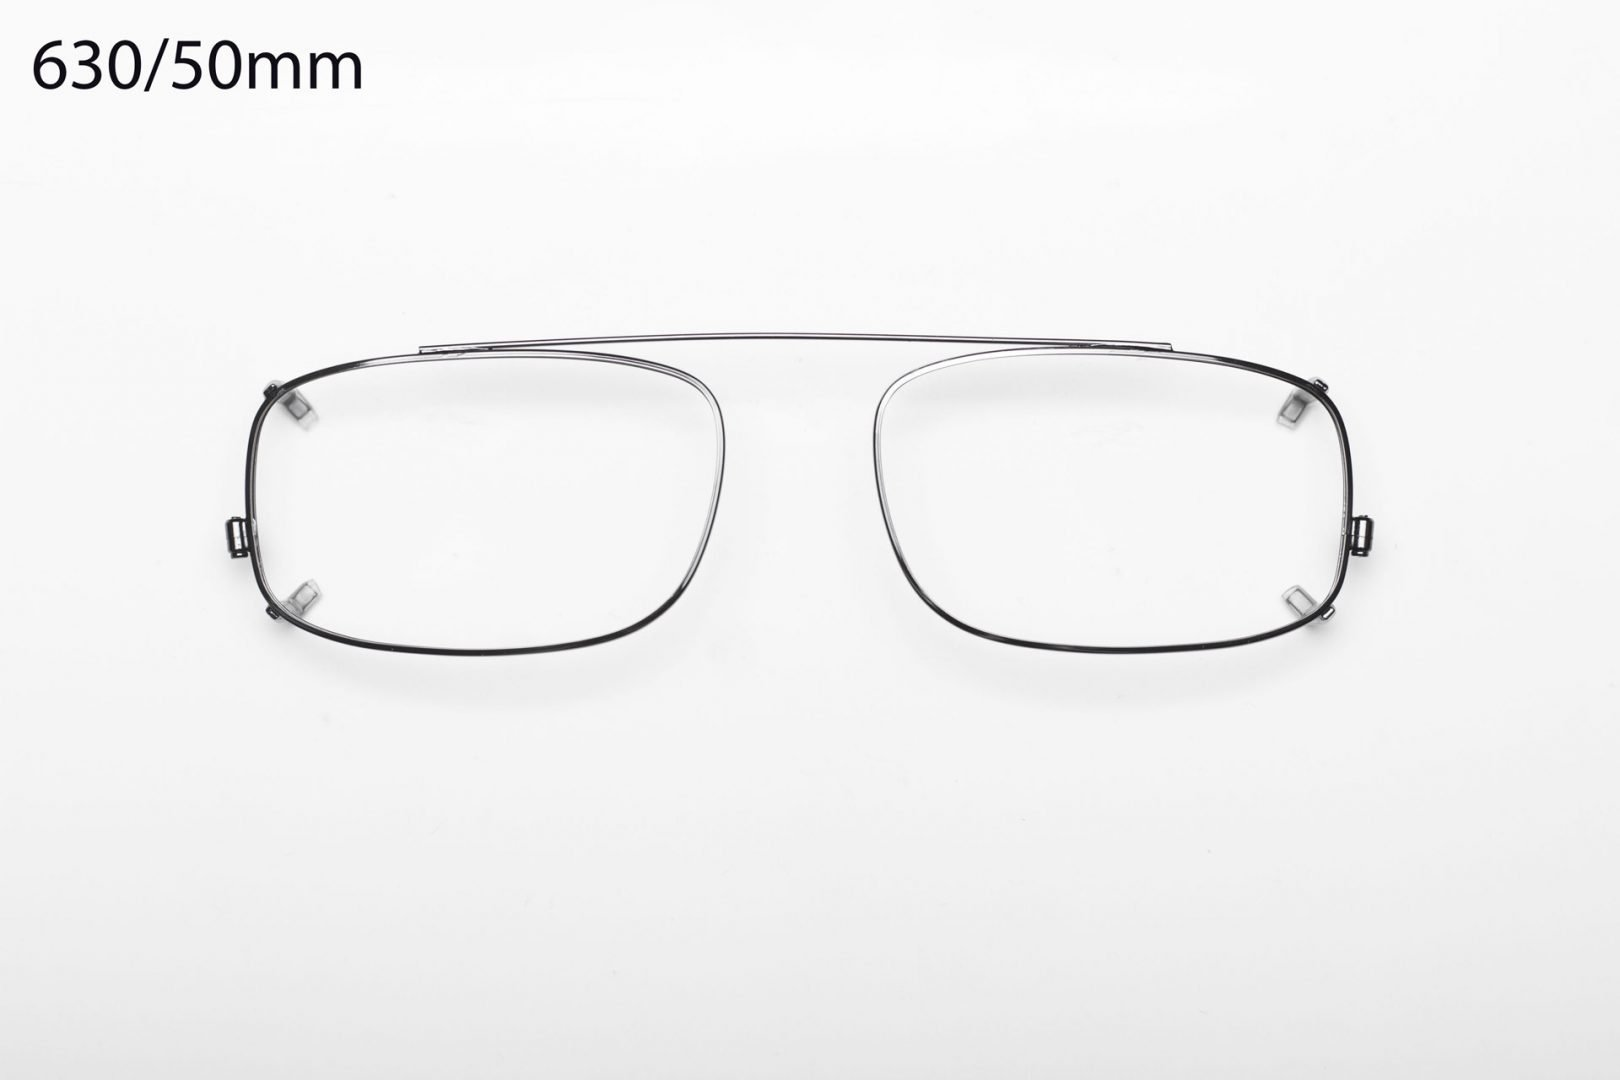 Modèle A86-63050mm